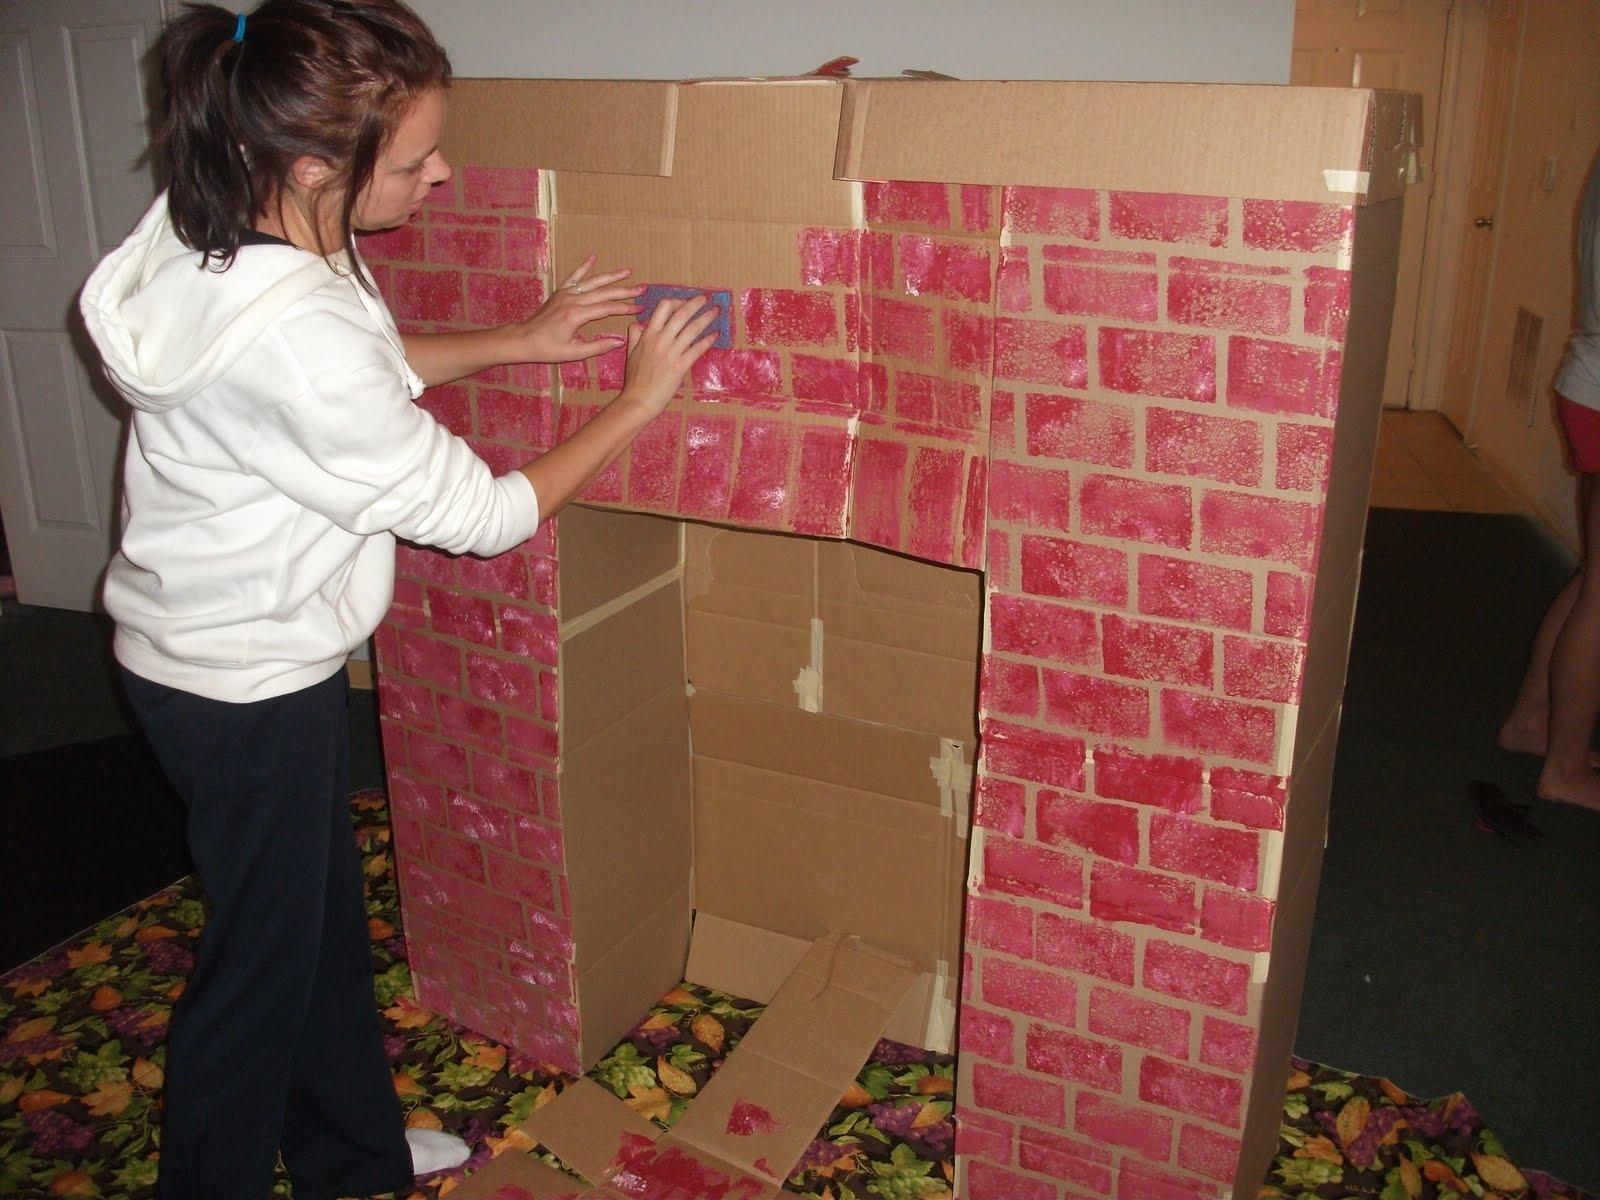 Как сделать камин из коробок своими руками: пошаговое описание лучших идей и советы как сделать красивый и стильный камин (85 фото)